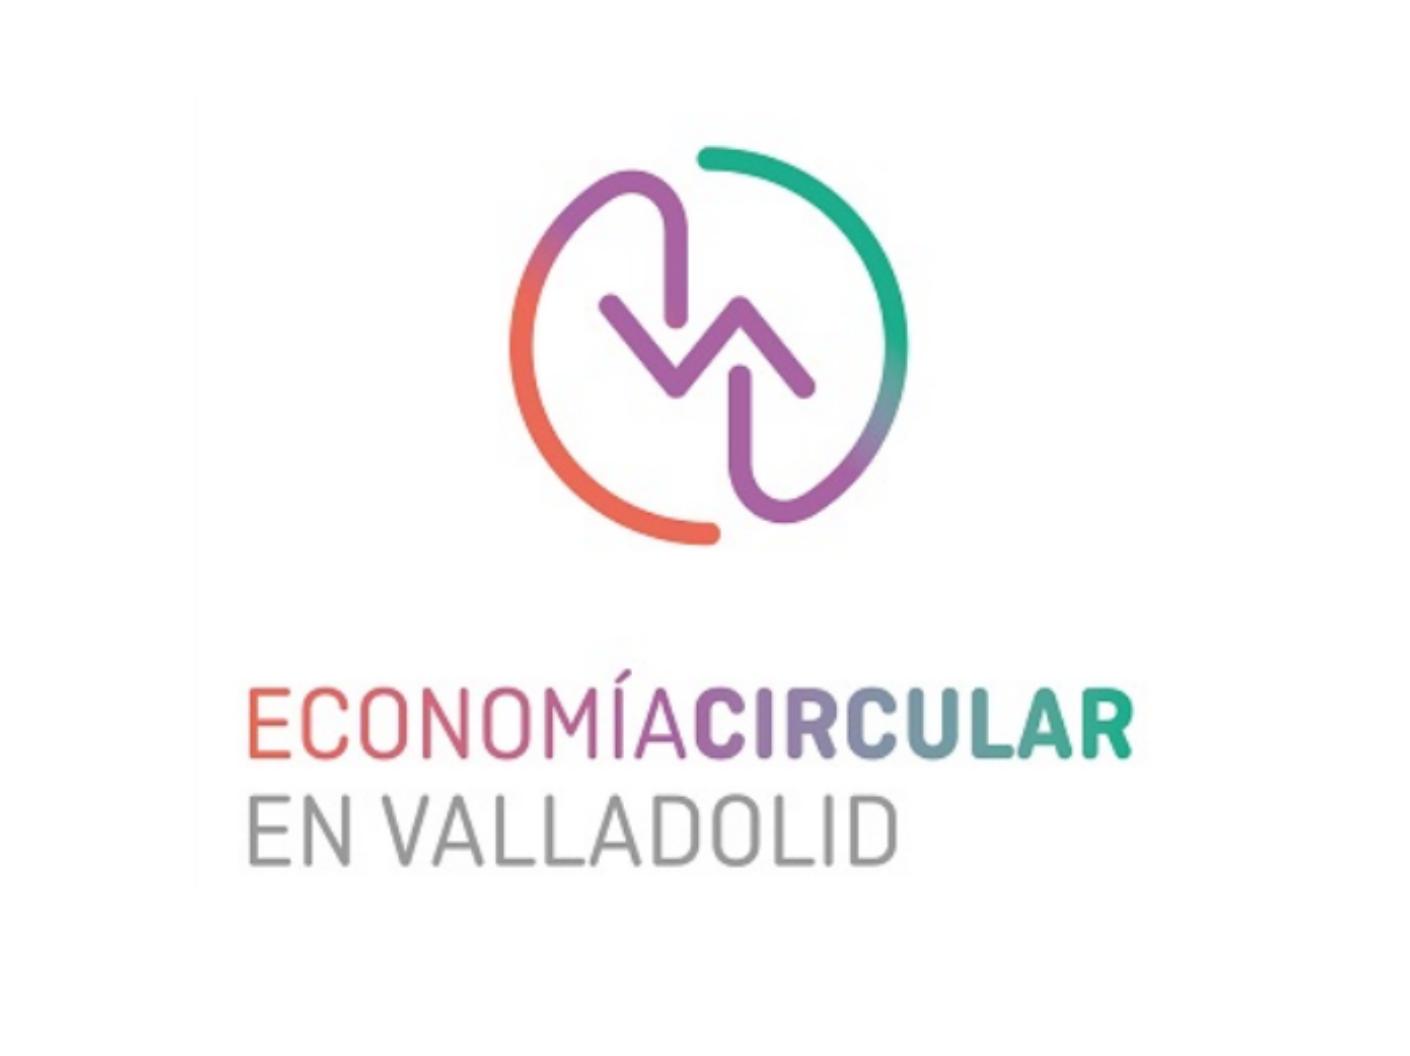 Valladolid Circular